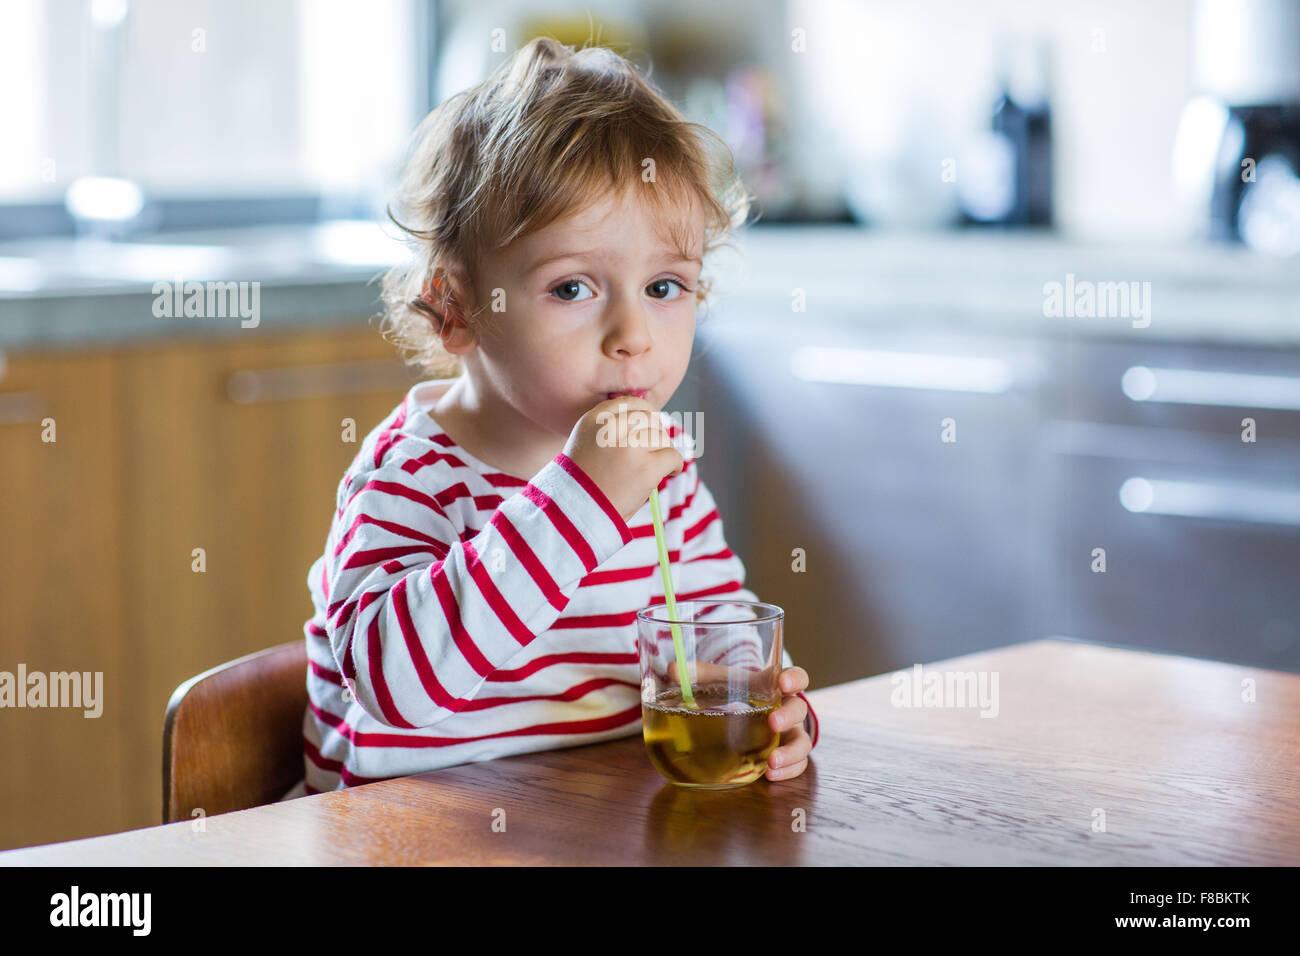 2 años de edad, beber jugo de fruta. Imagen De Stock